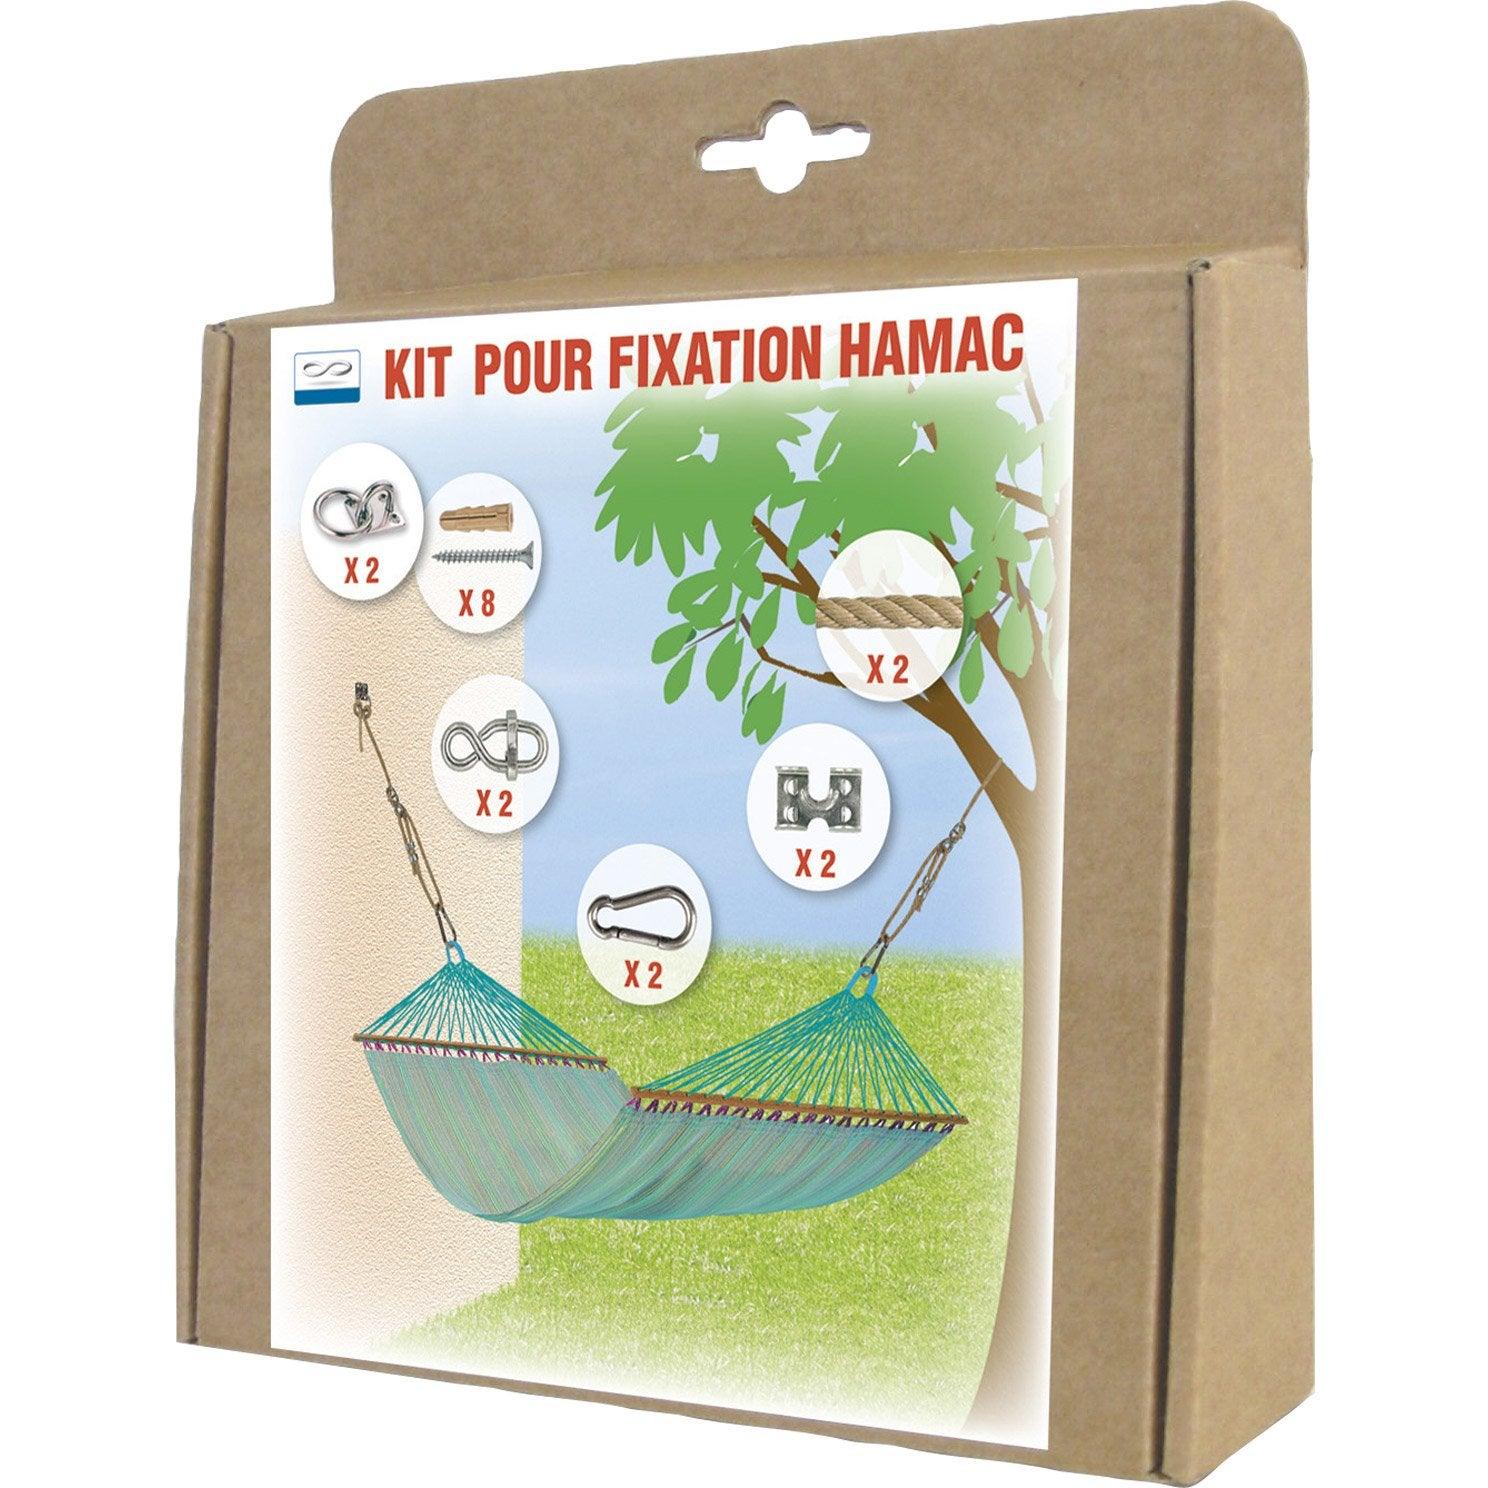 Kit fixation hamac pas cher - Hamac support bois pas cher ...